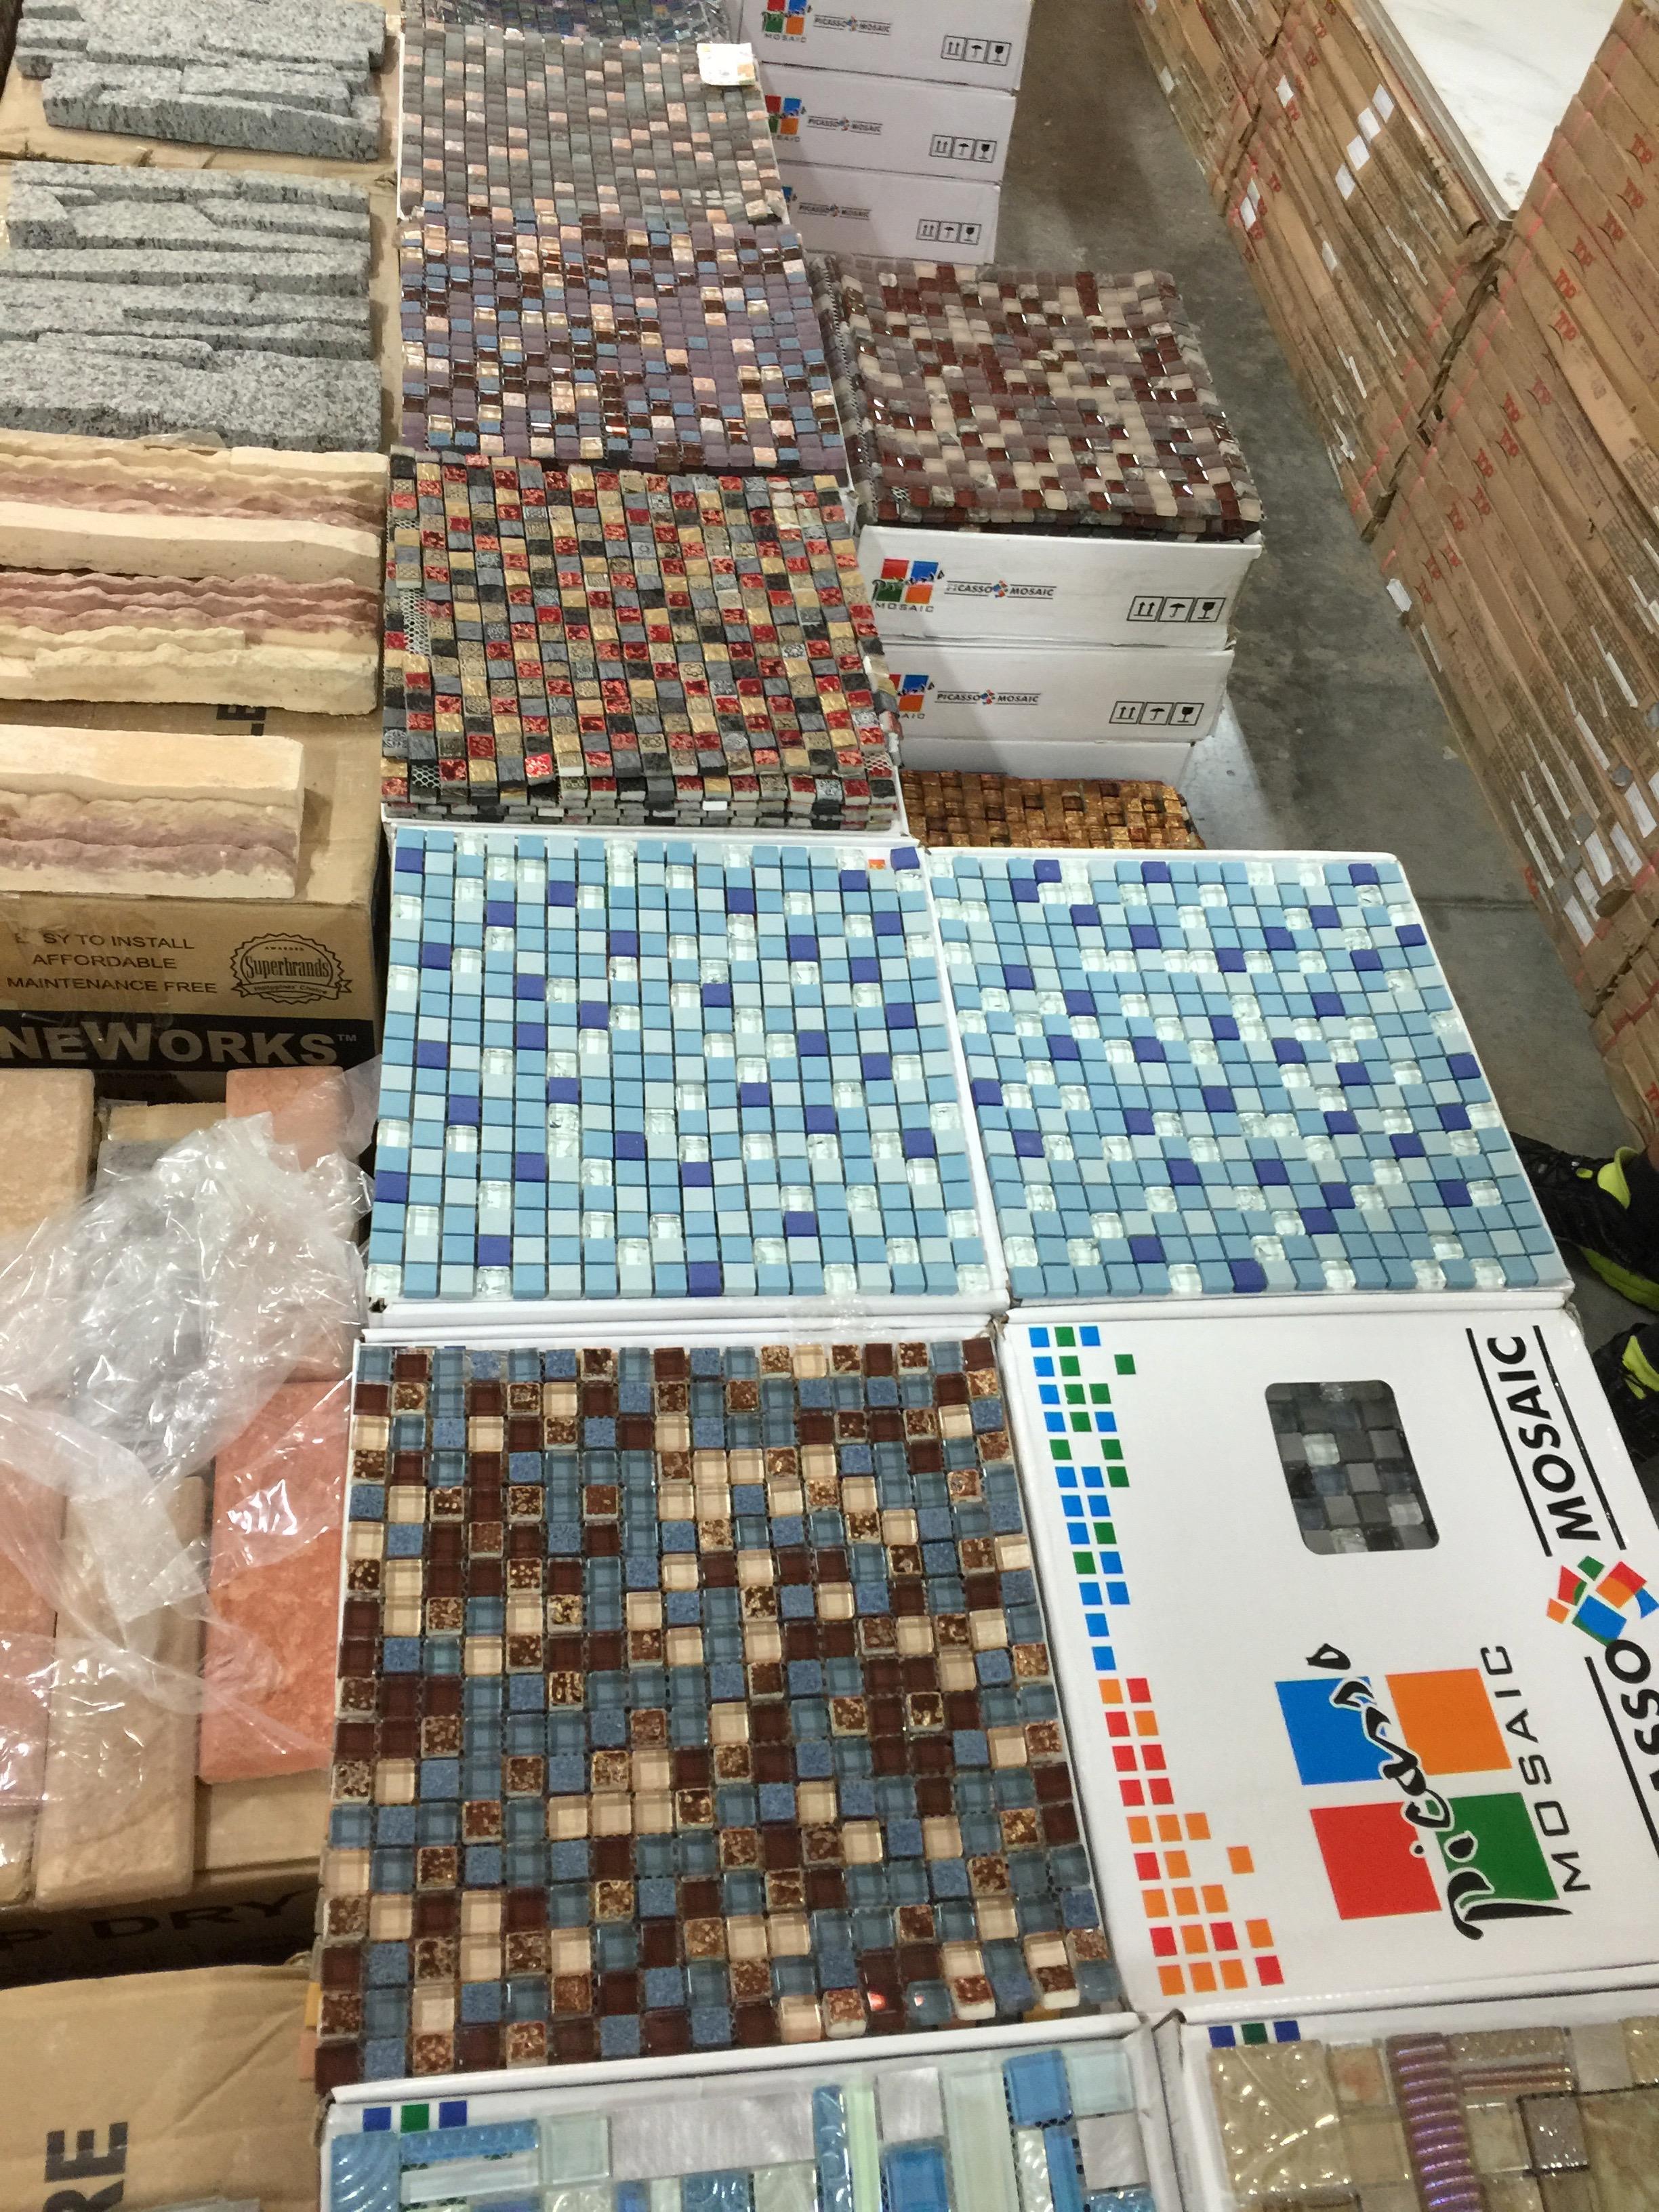 Wilcon Depotで建築資材の調達!フィリピンの戸建て賃貸プロジェクト ...